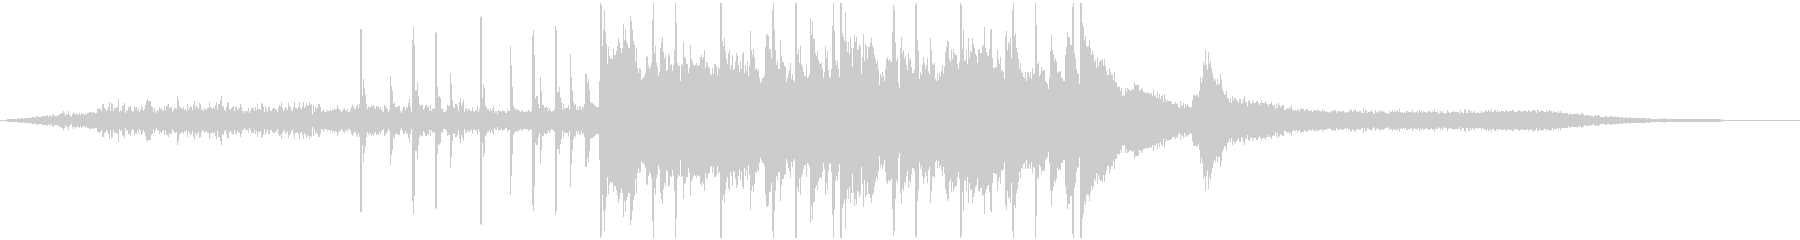 オープニング・アイコン・サウンドロゴの未再生の波形